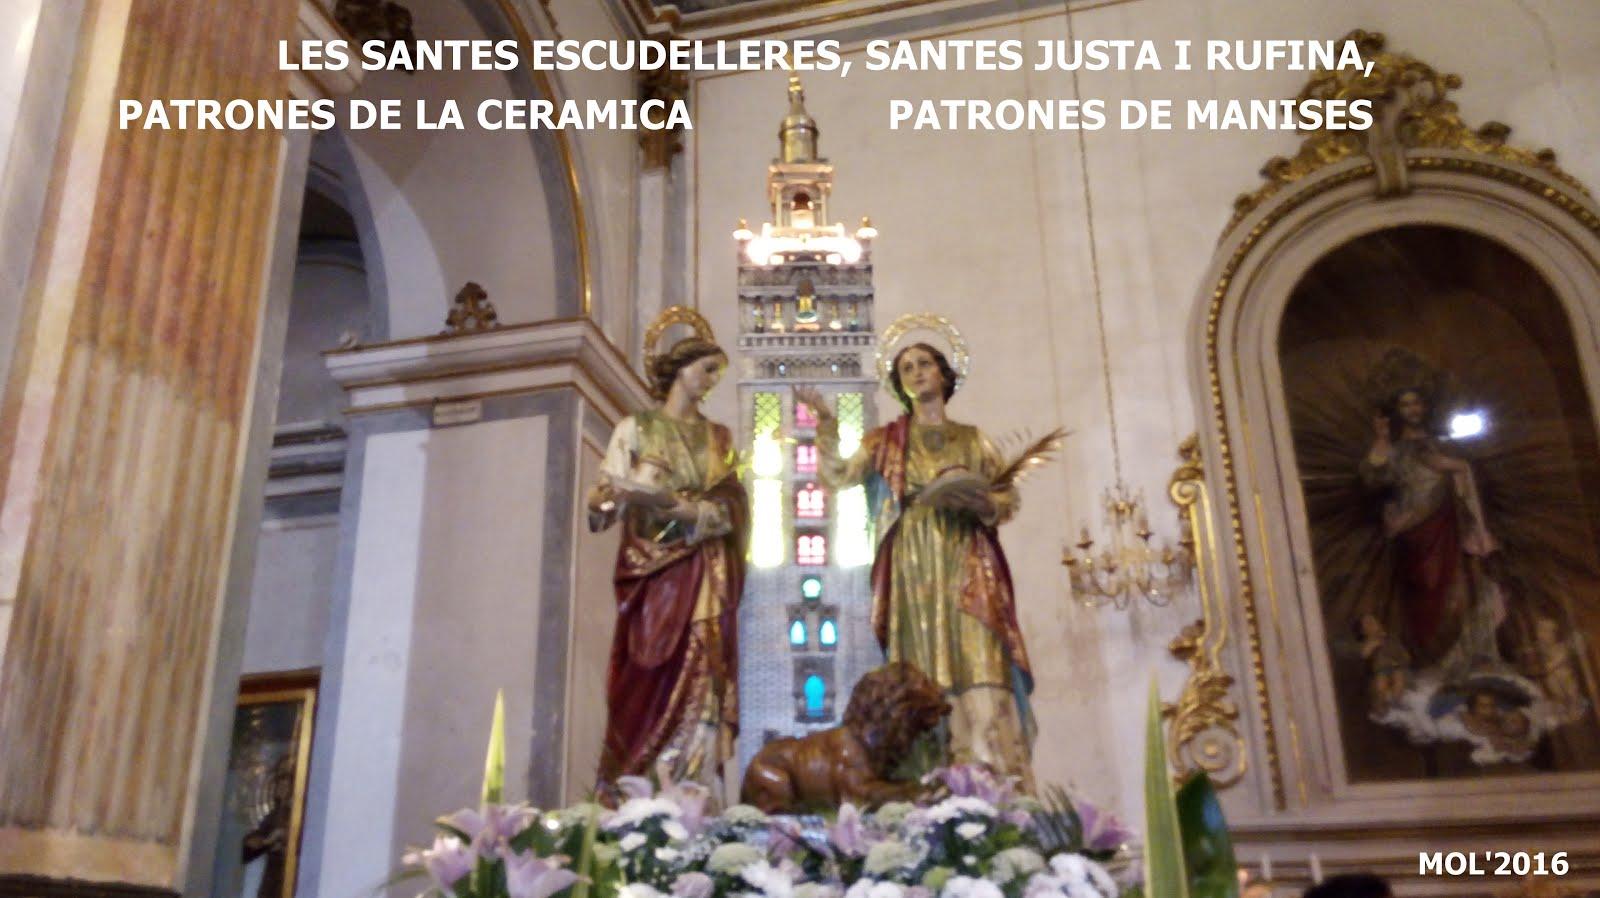 19.07.16 FIESTA A SANTAS JUSTA Y RUFINA, PATRONAS DE LA CERÁMICA Y DE LA CIUDAD DE MANISES